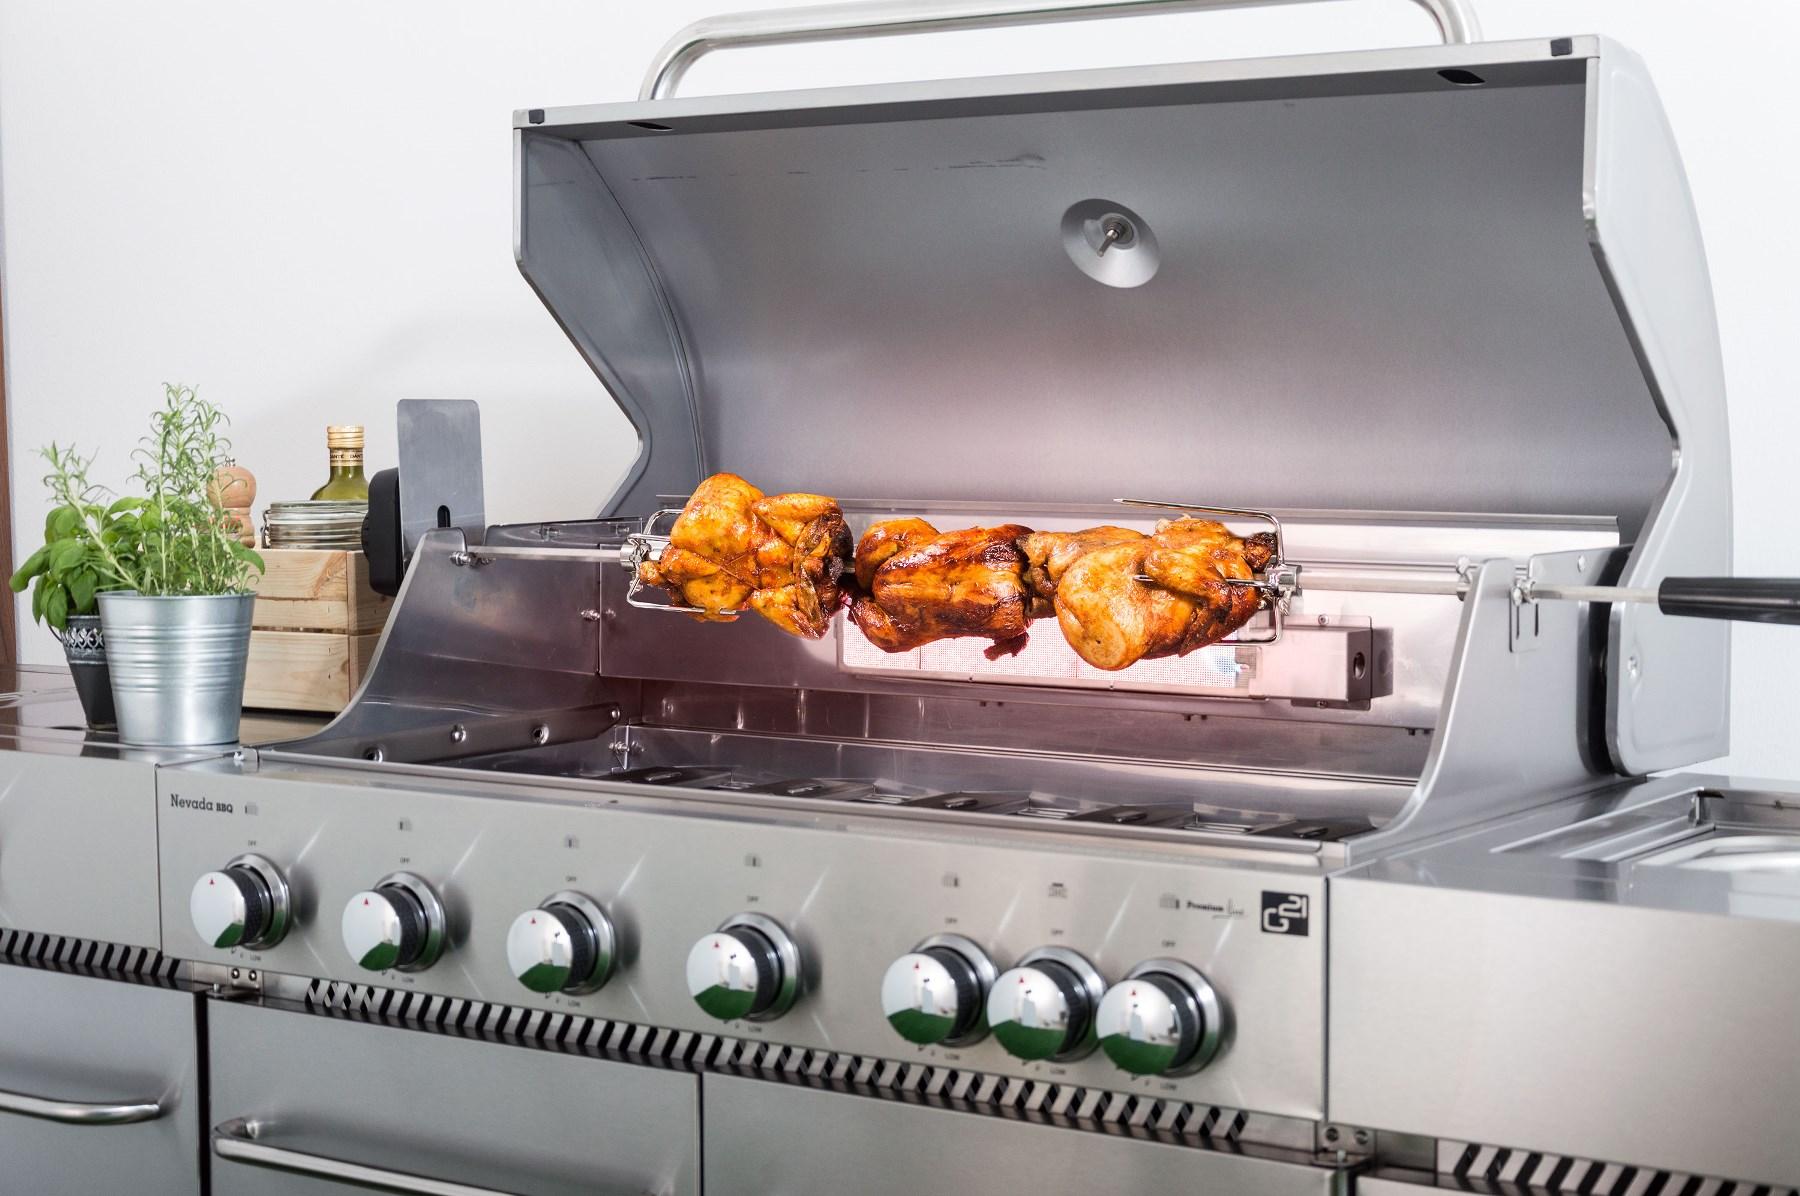 Kuřata grilovaná na jehle s motorem na plynovém grilu G21 Nevada BBQ